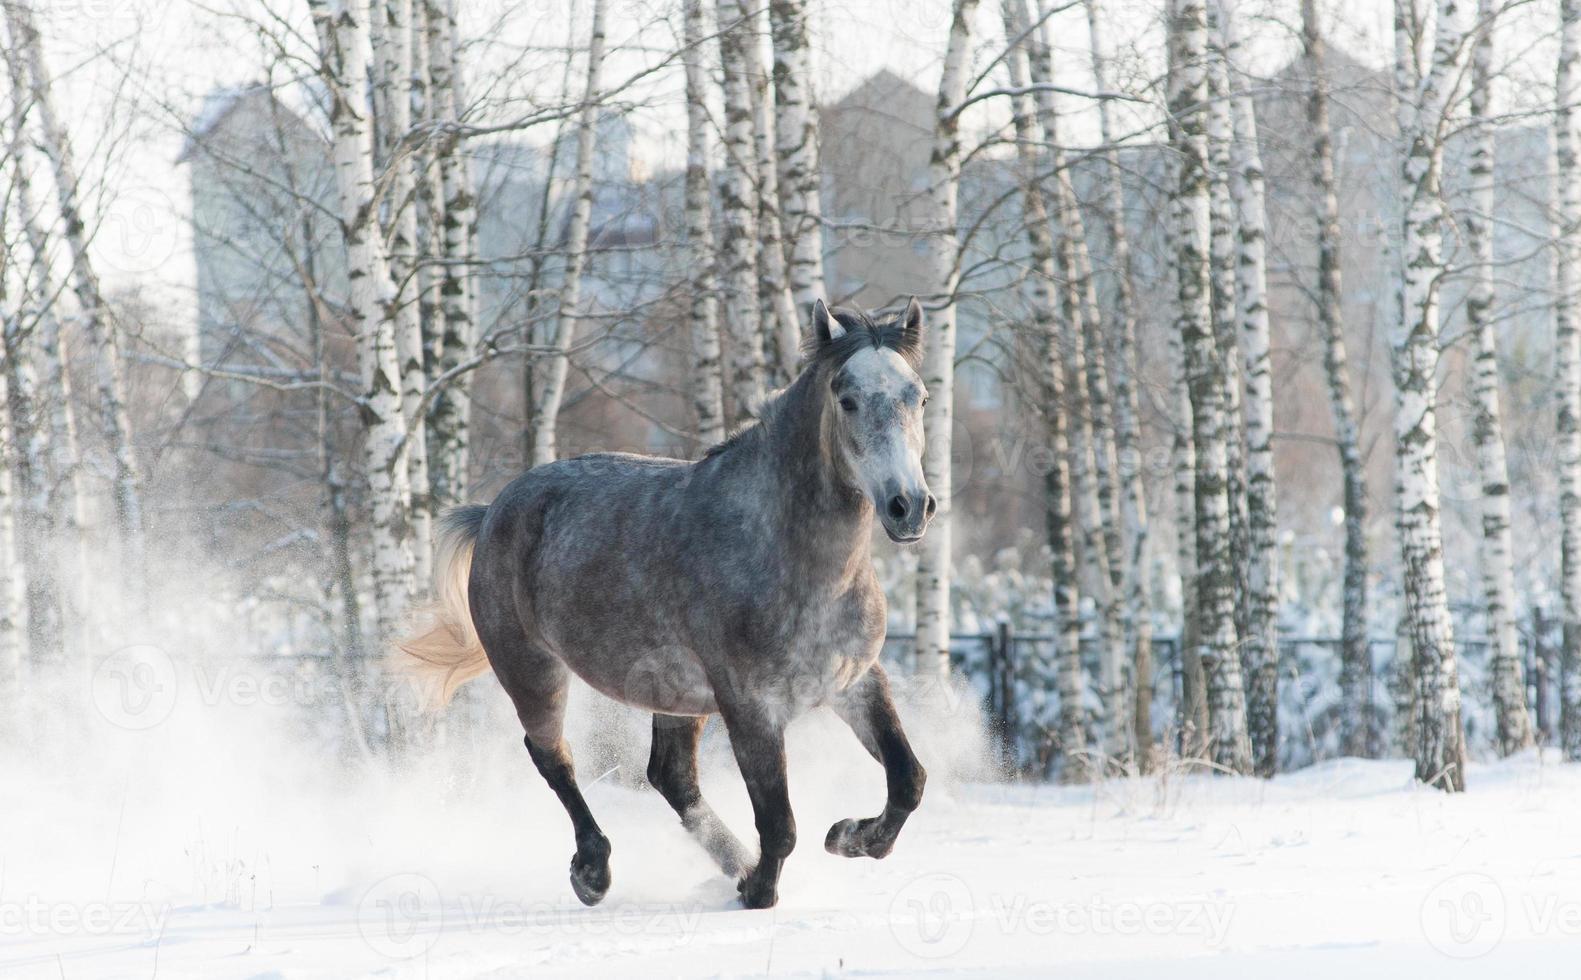 cheval gris courant en hiver photo